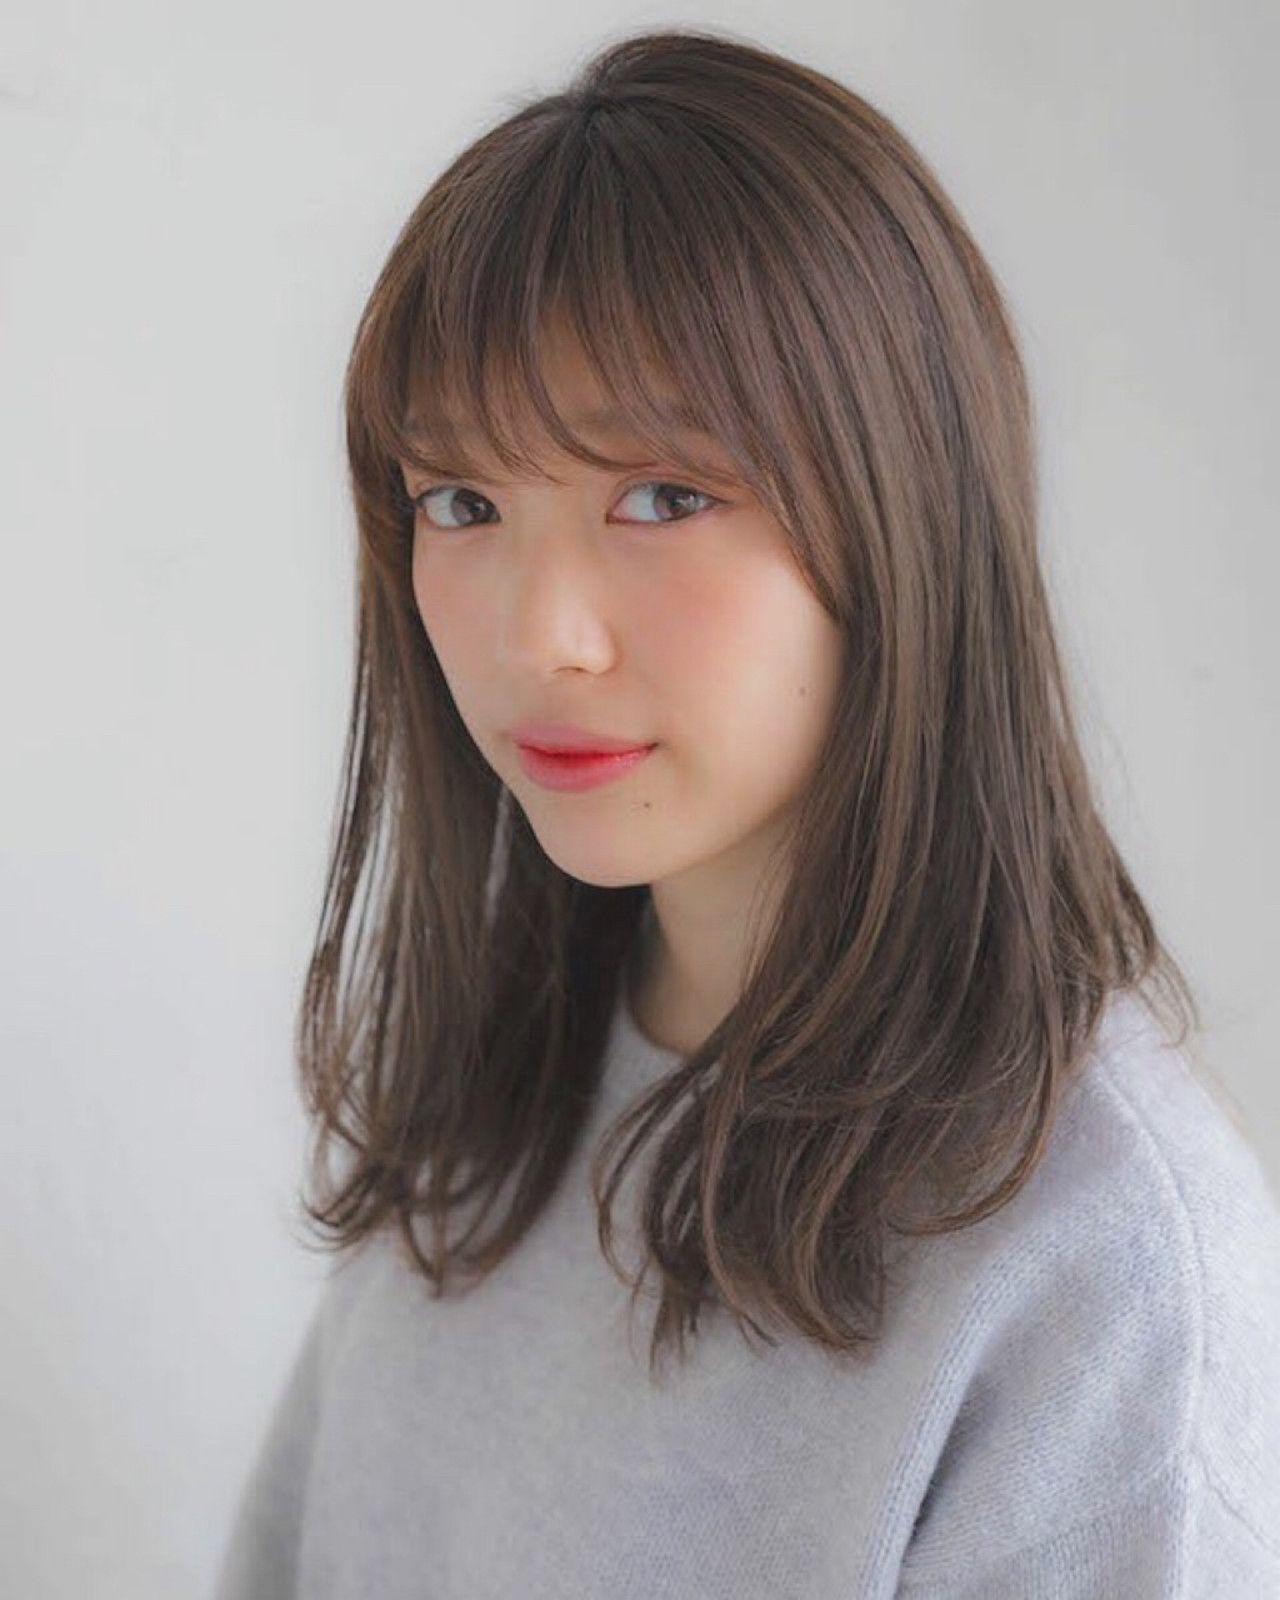 前髪あり ミディアム フェミニン デート ヘアスタイルや髪型の写真